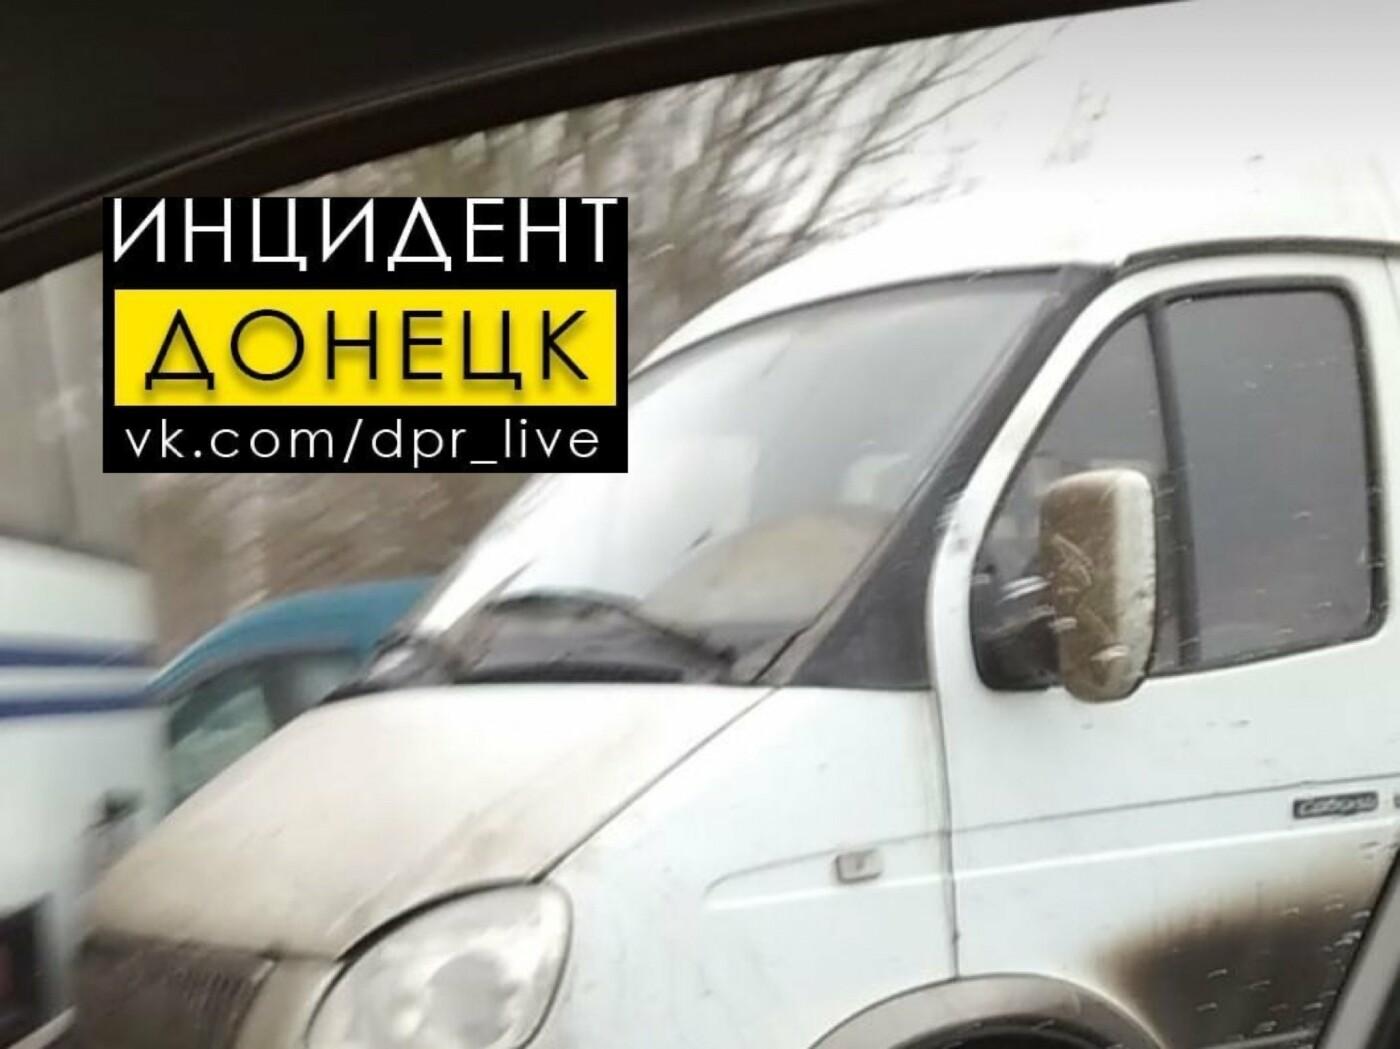 В центре Донецка неуправляемая «Газель» покатилась с парковки и врезалась в автобус, - ФОТО, фото-1